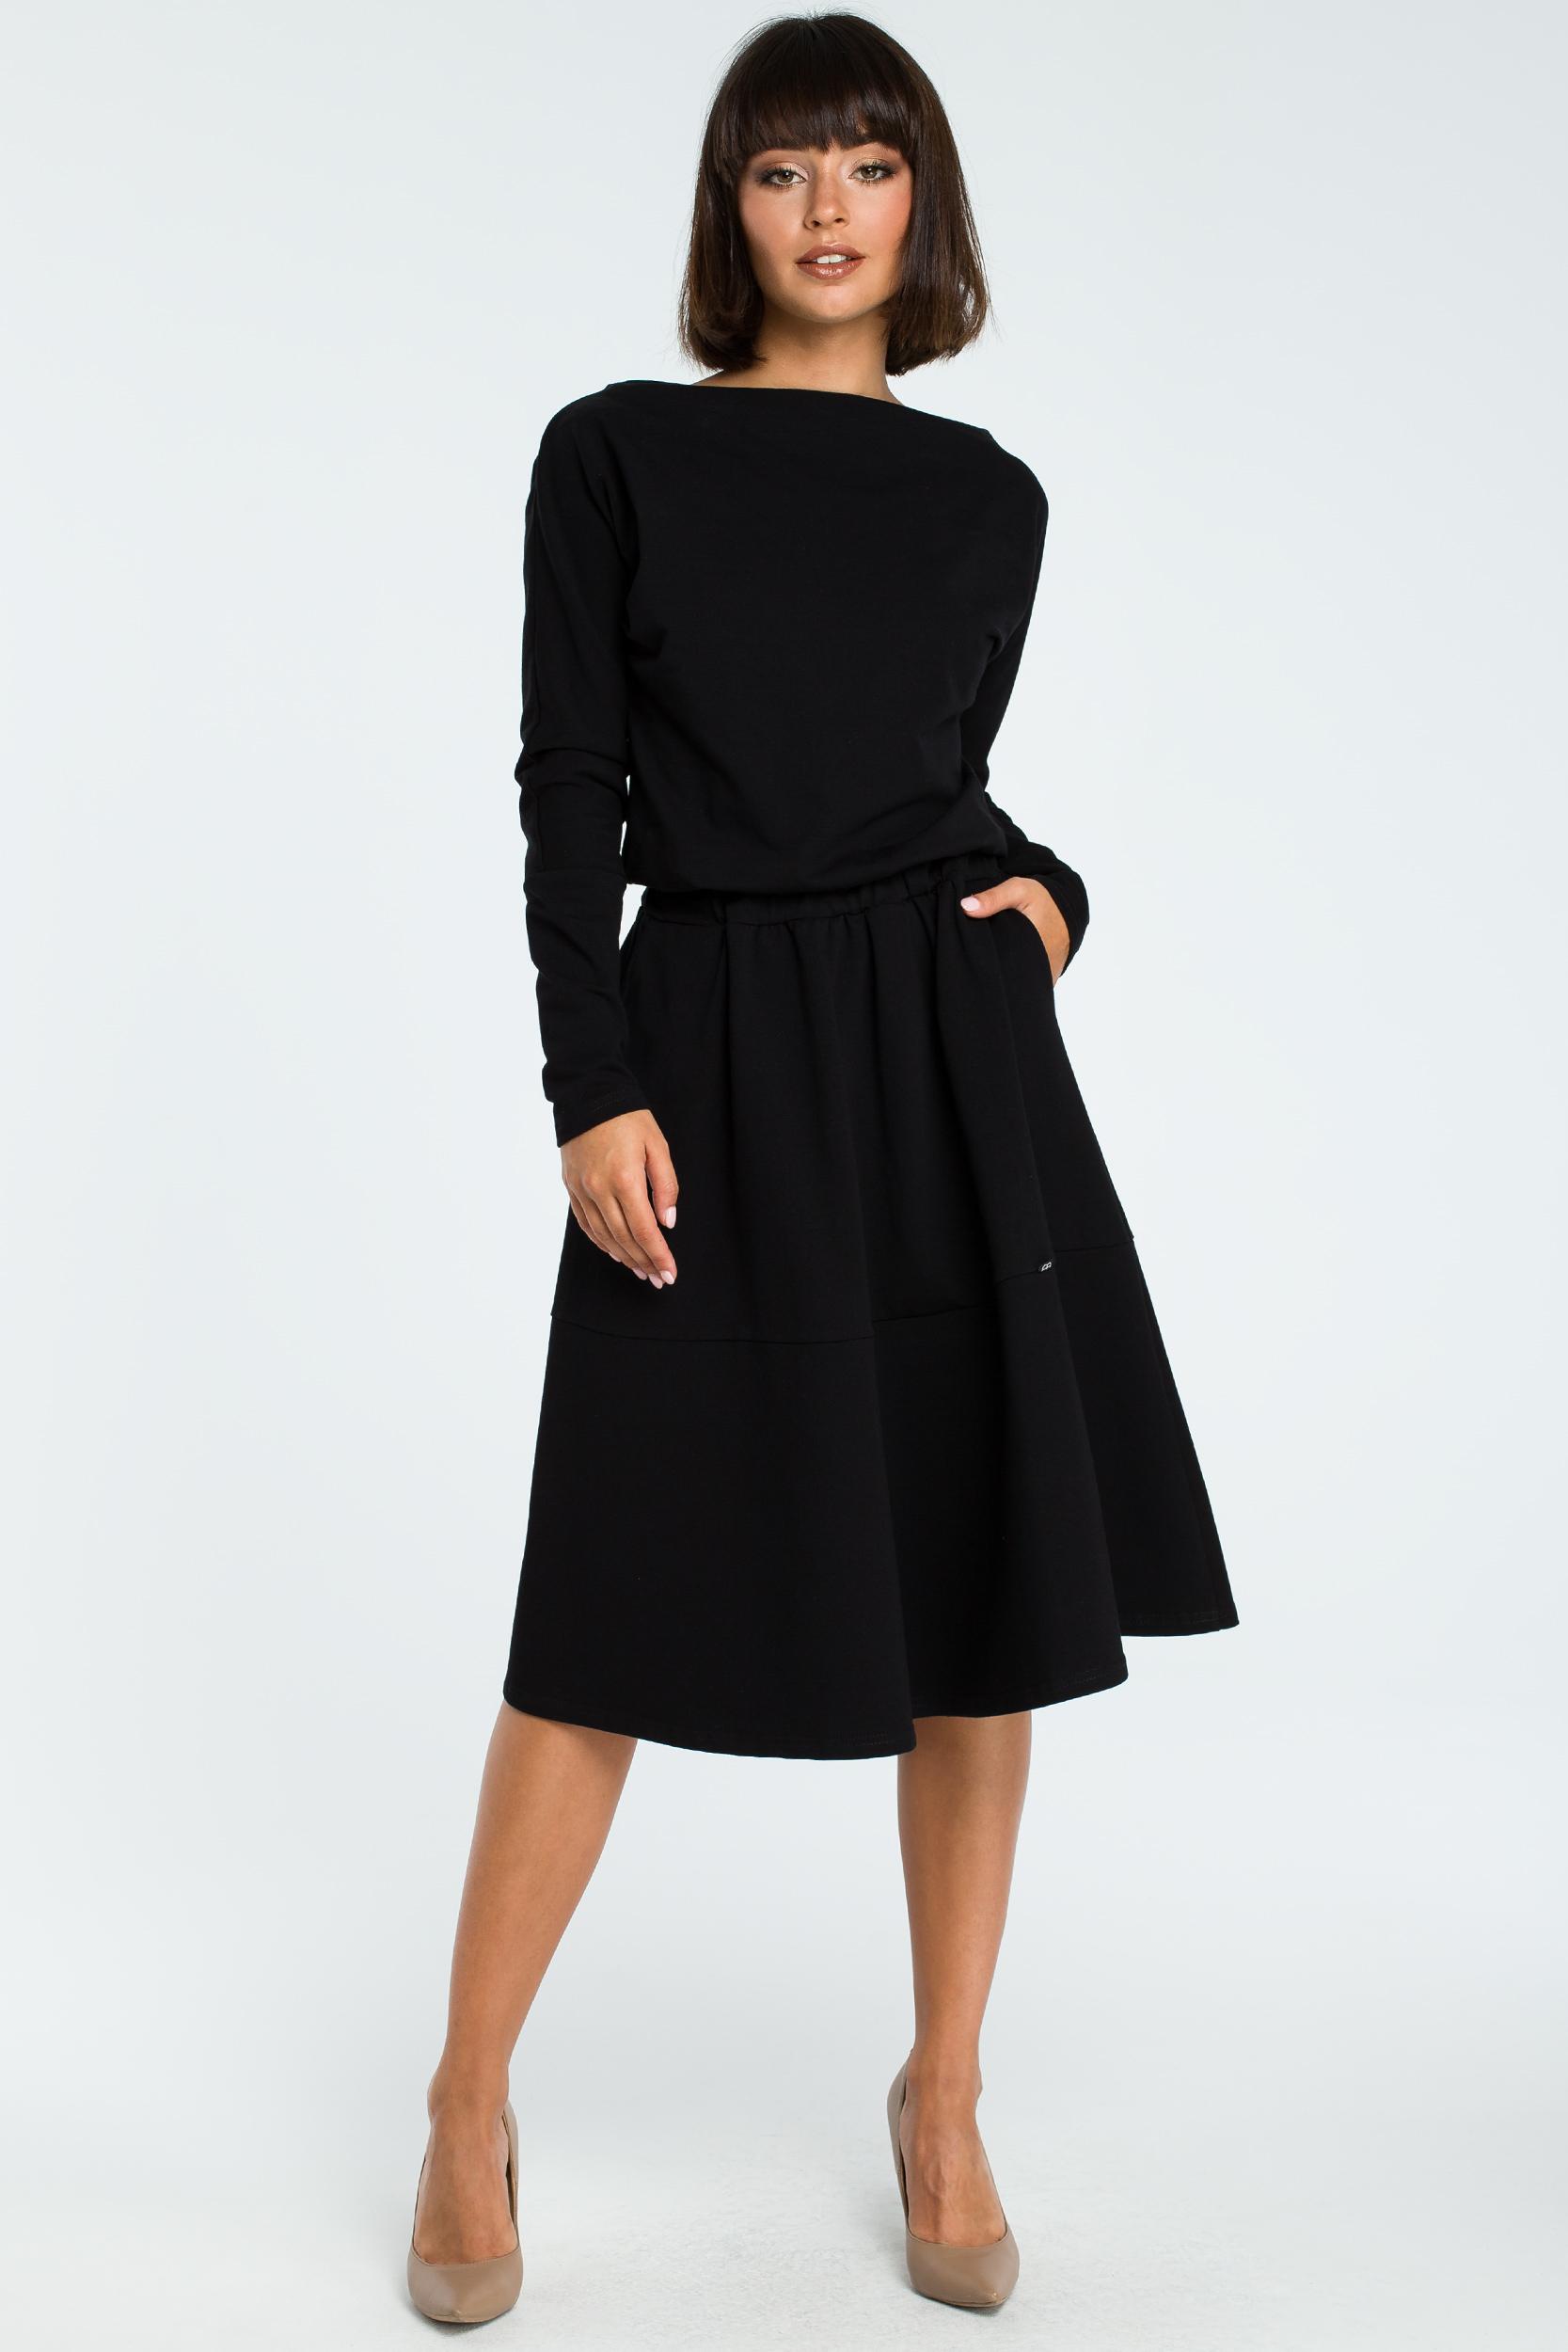 34506a35e0 CM3816 Rozkloszowana sukienka z długim rękawem - czarna ...